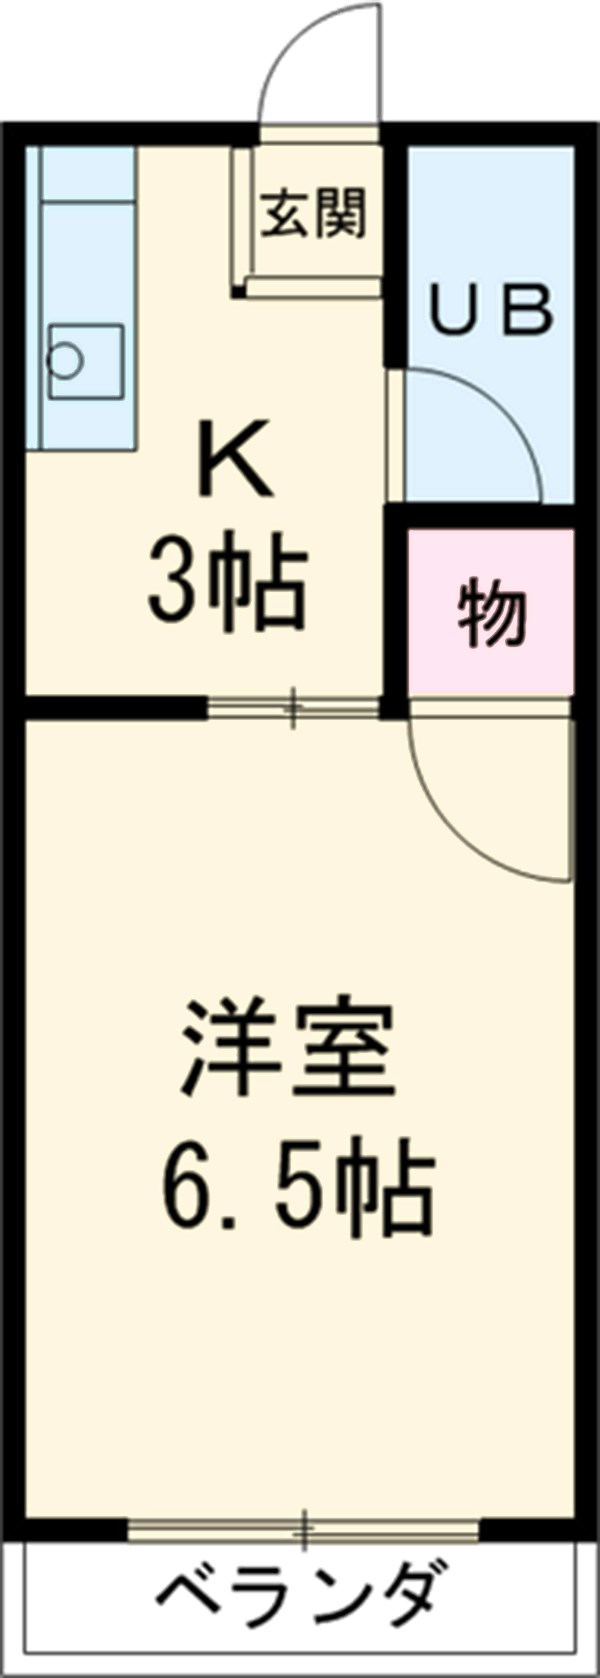 リードワン新川・502号室の間取り